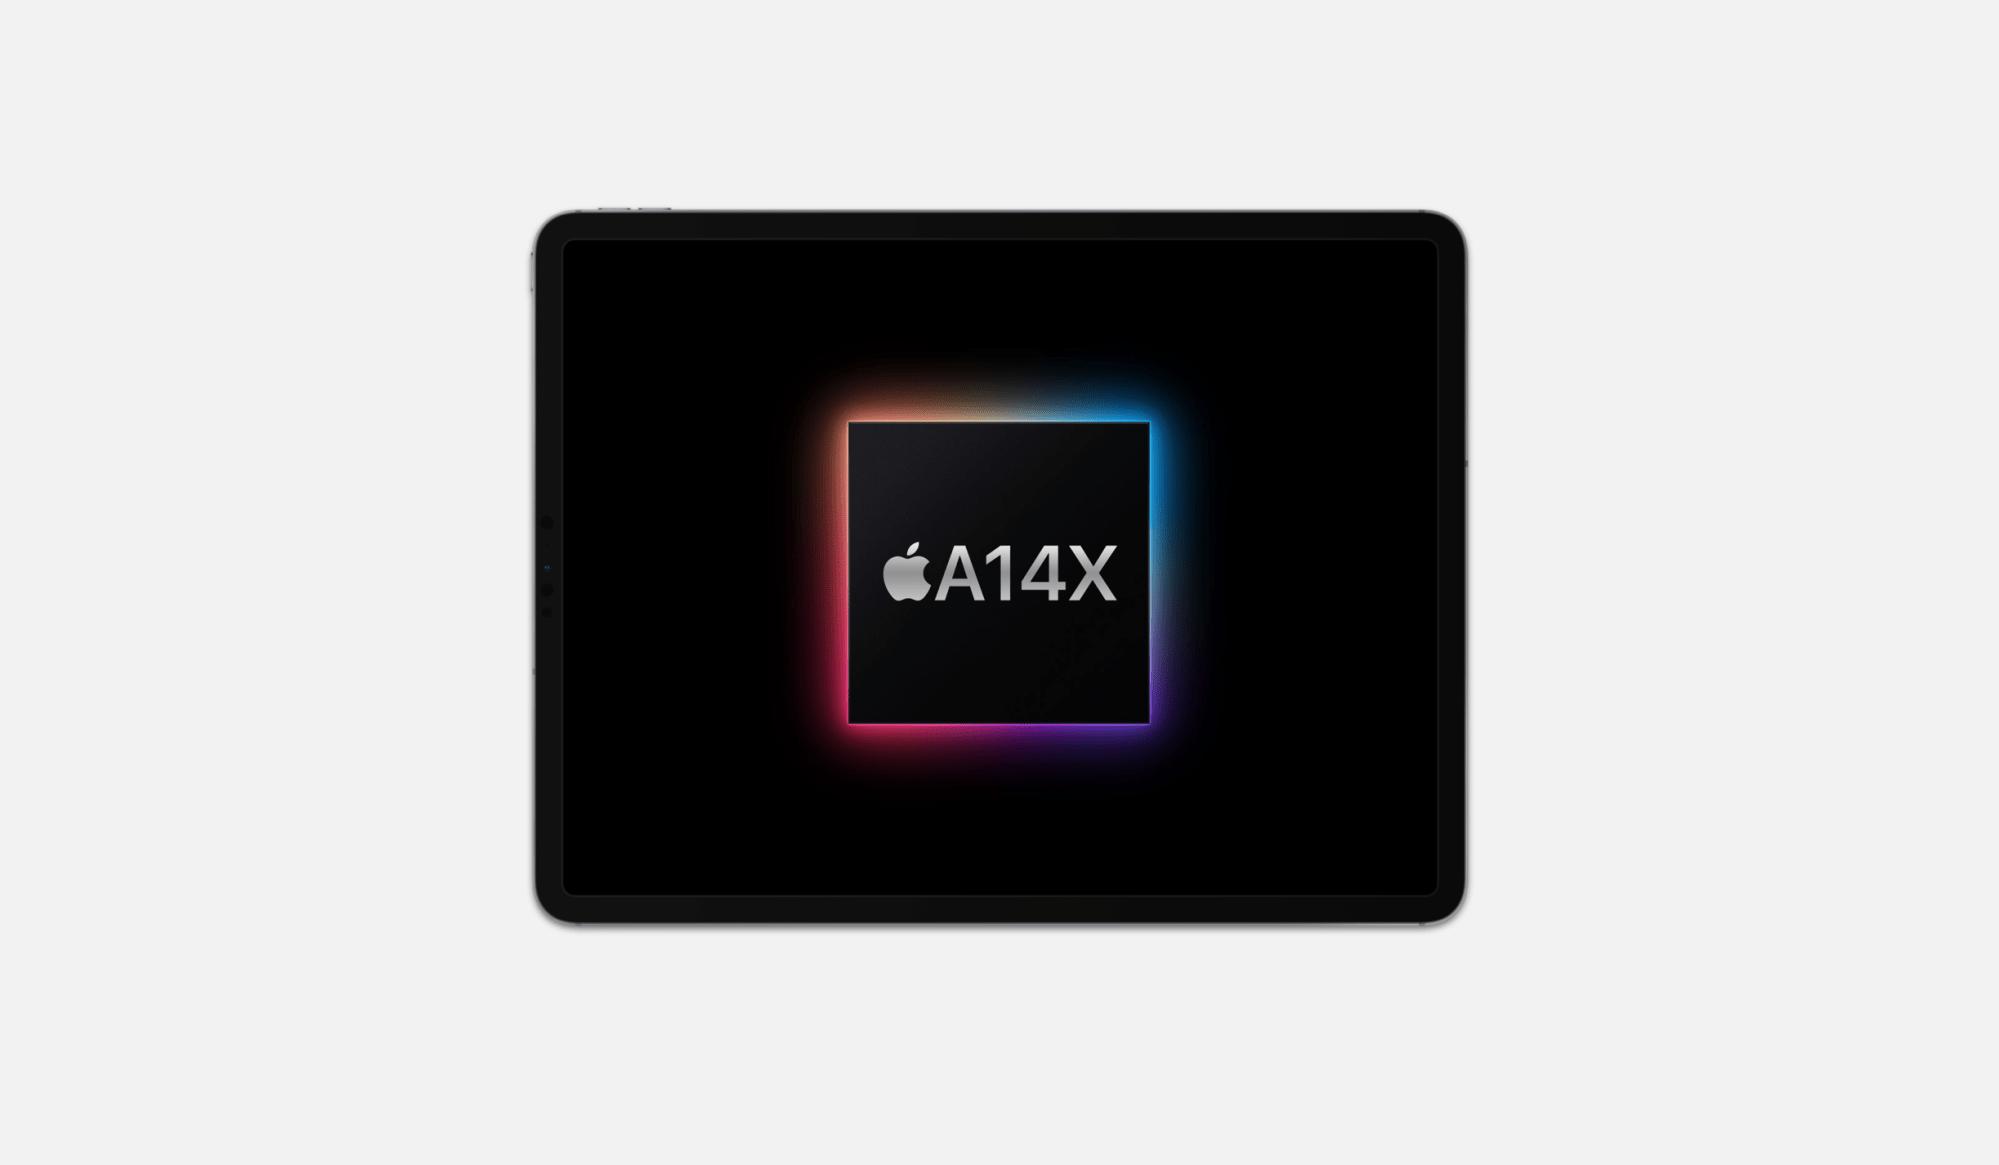 基于M1打造 苹果A14X处理器现身 新iPad Pro首发